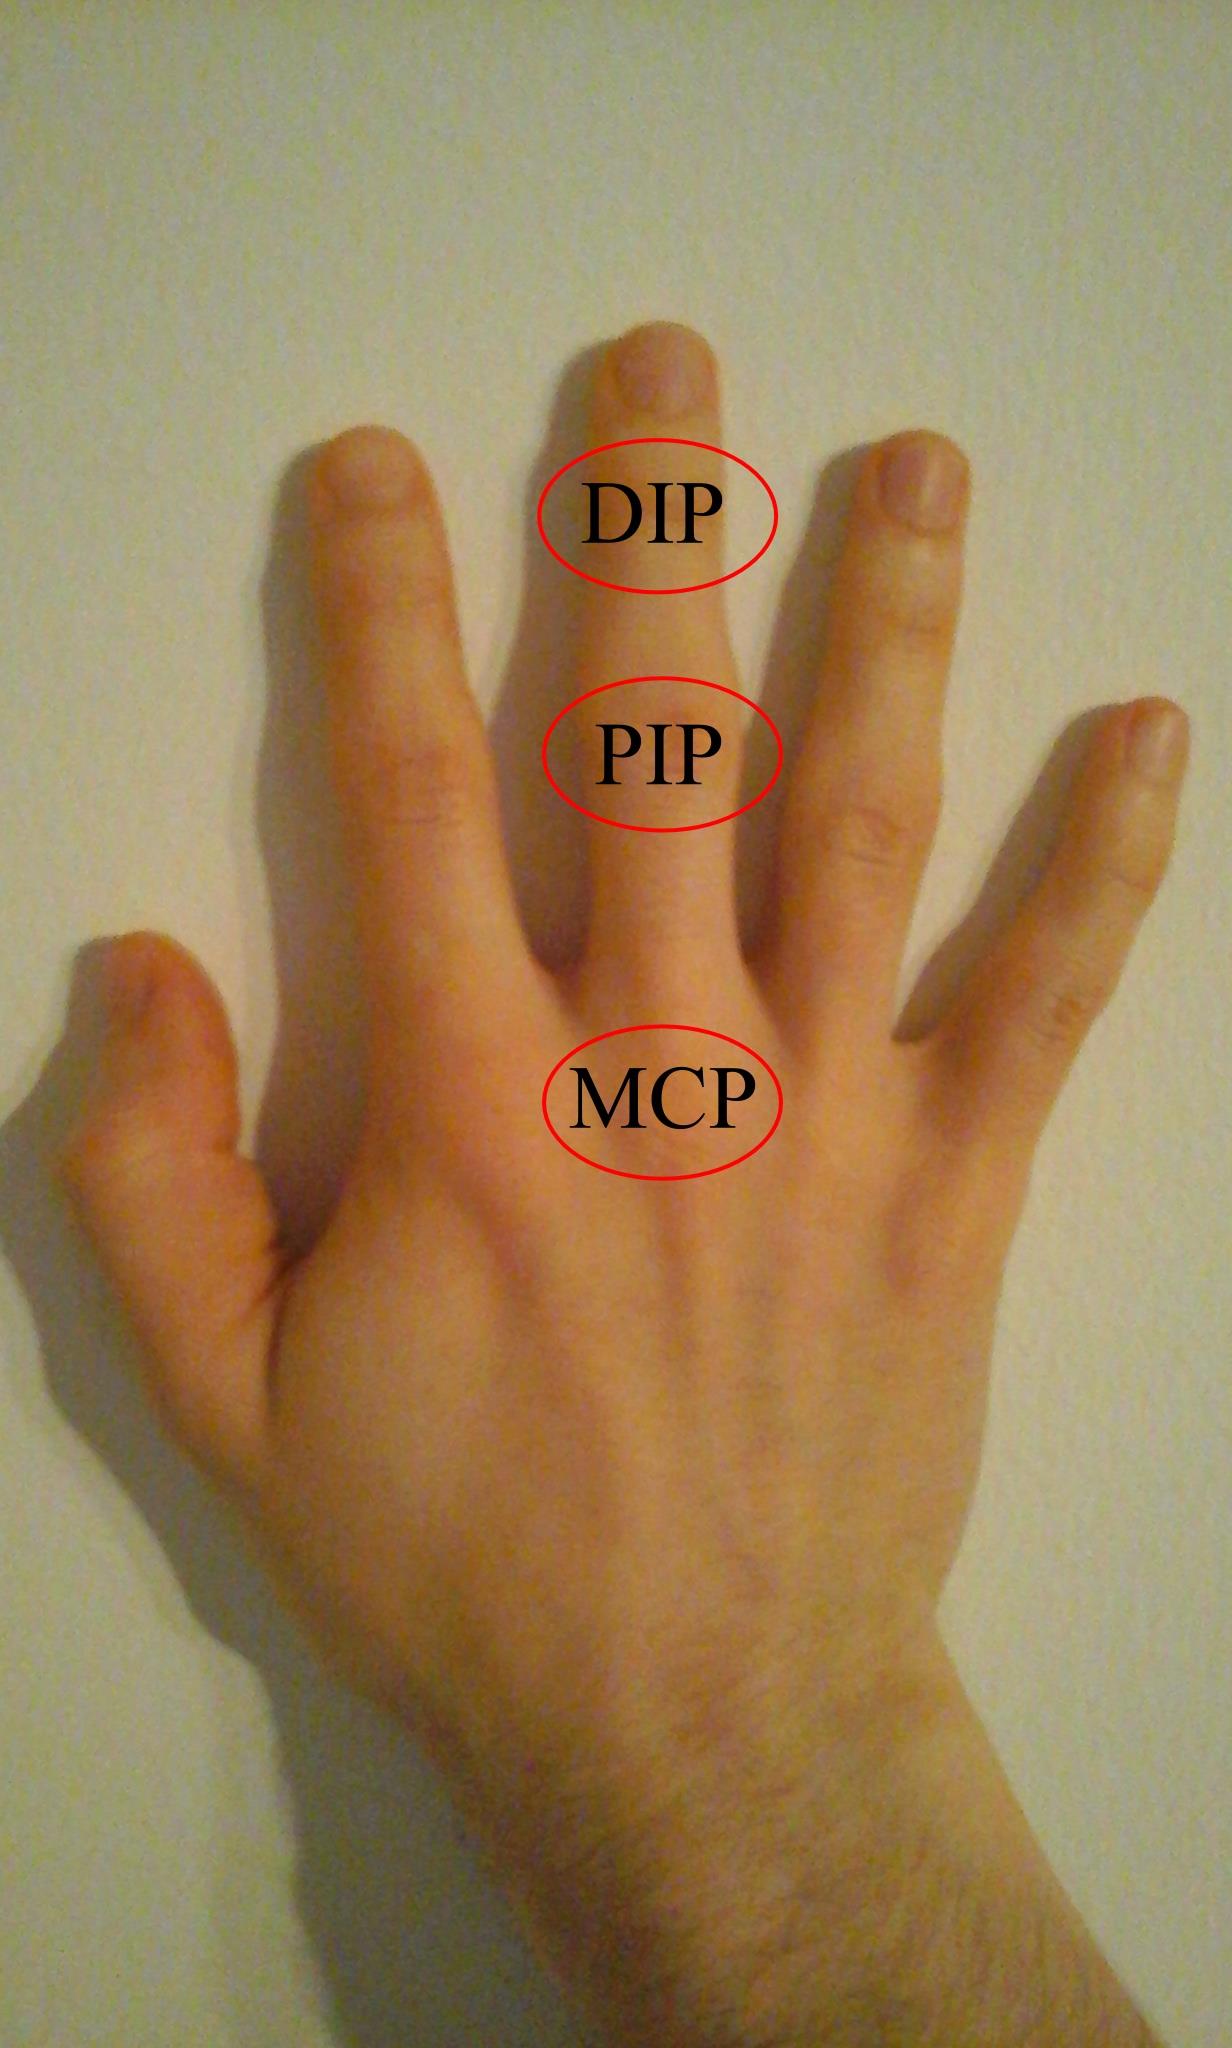 kis ujj artritisz a bal kezén